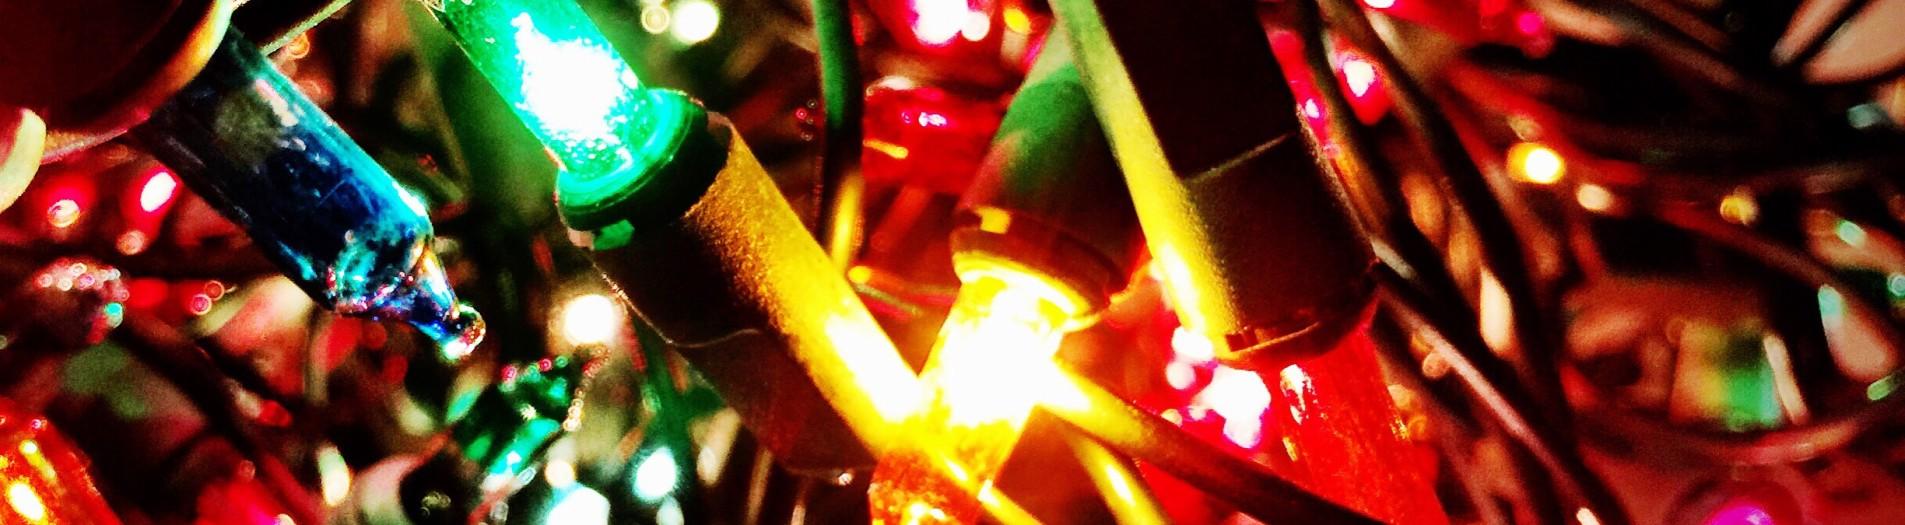 December 3: Lights